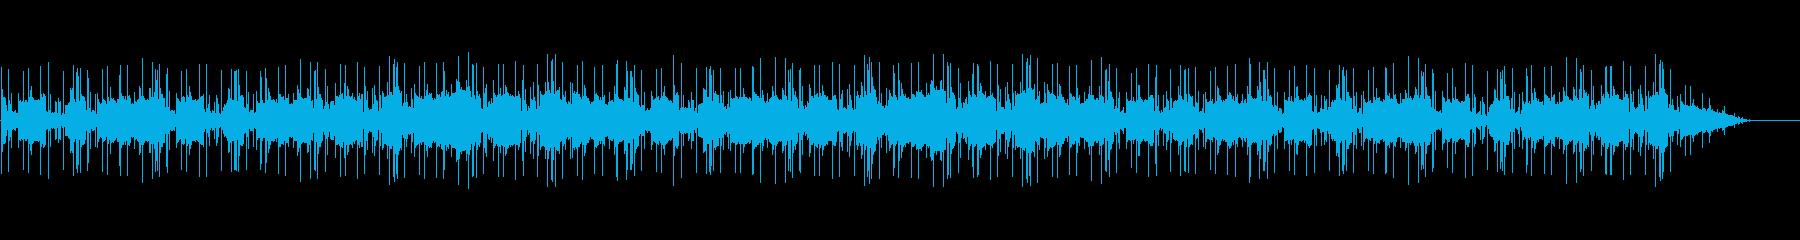 冷たい海底のようなLo-Fi風インストの再生済みの波形